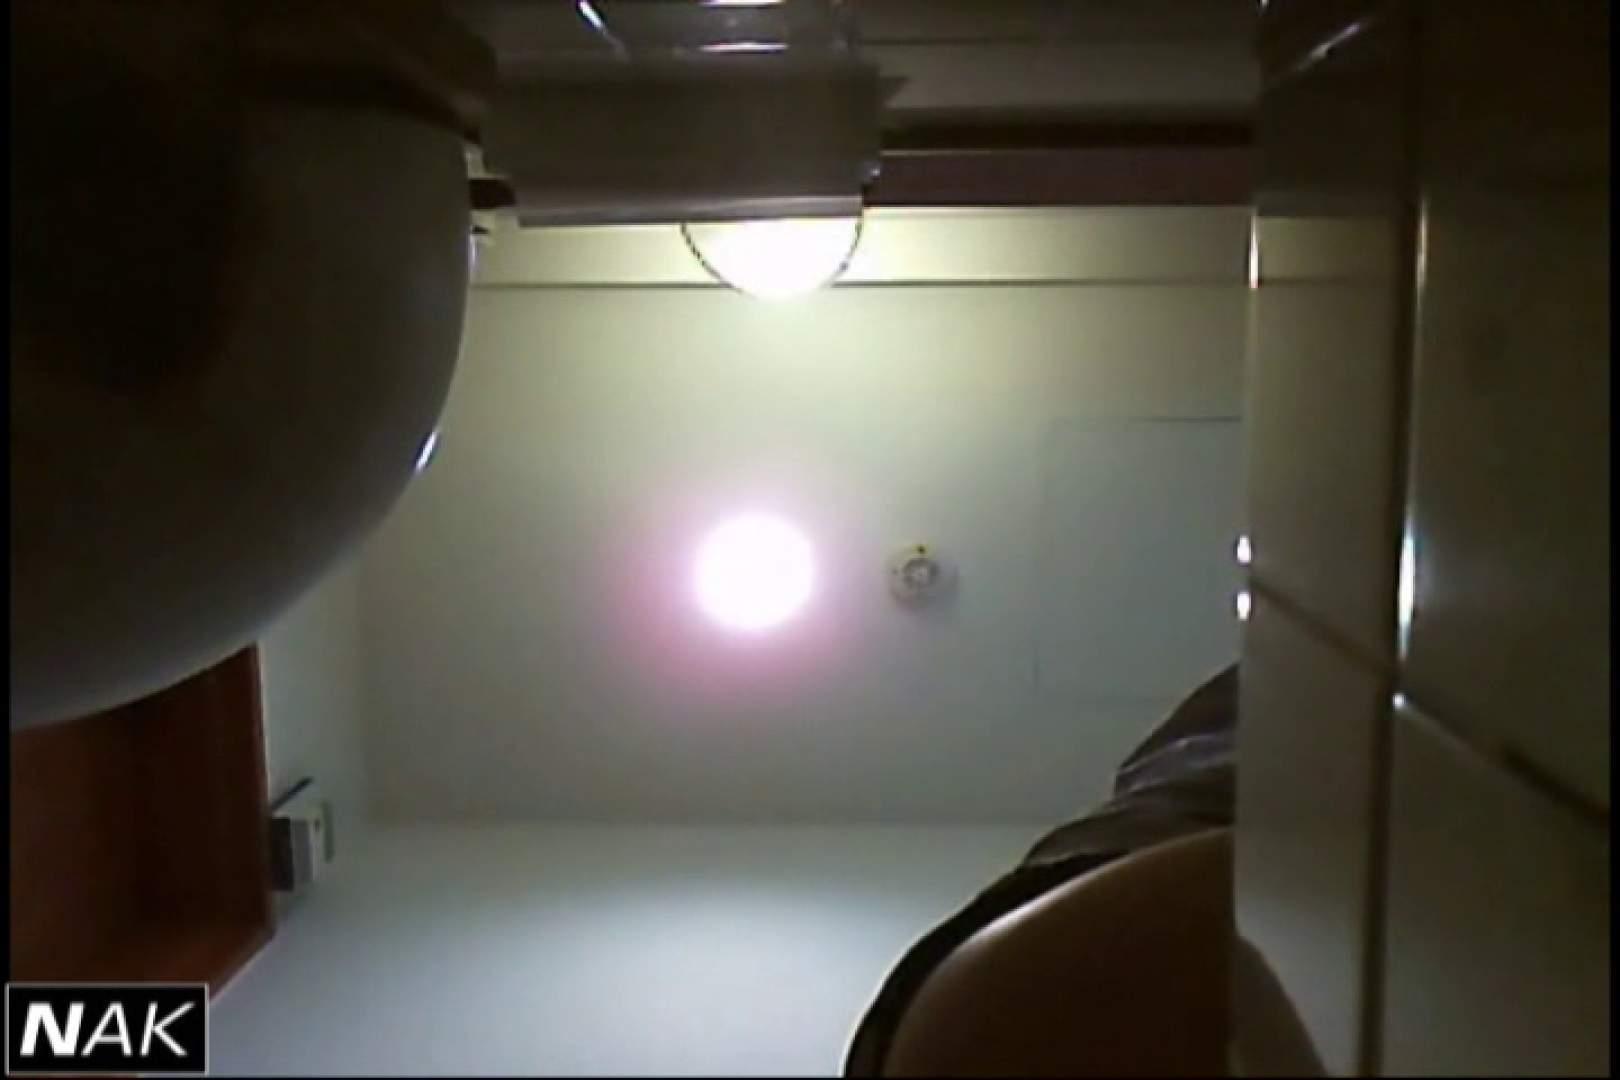 亀さんかわや VIP和式2カメバージョン! vol.14 オマンコ | 黄金水  58pic 18